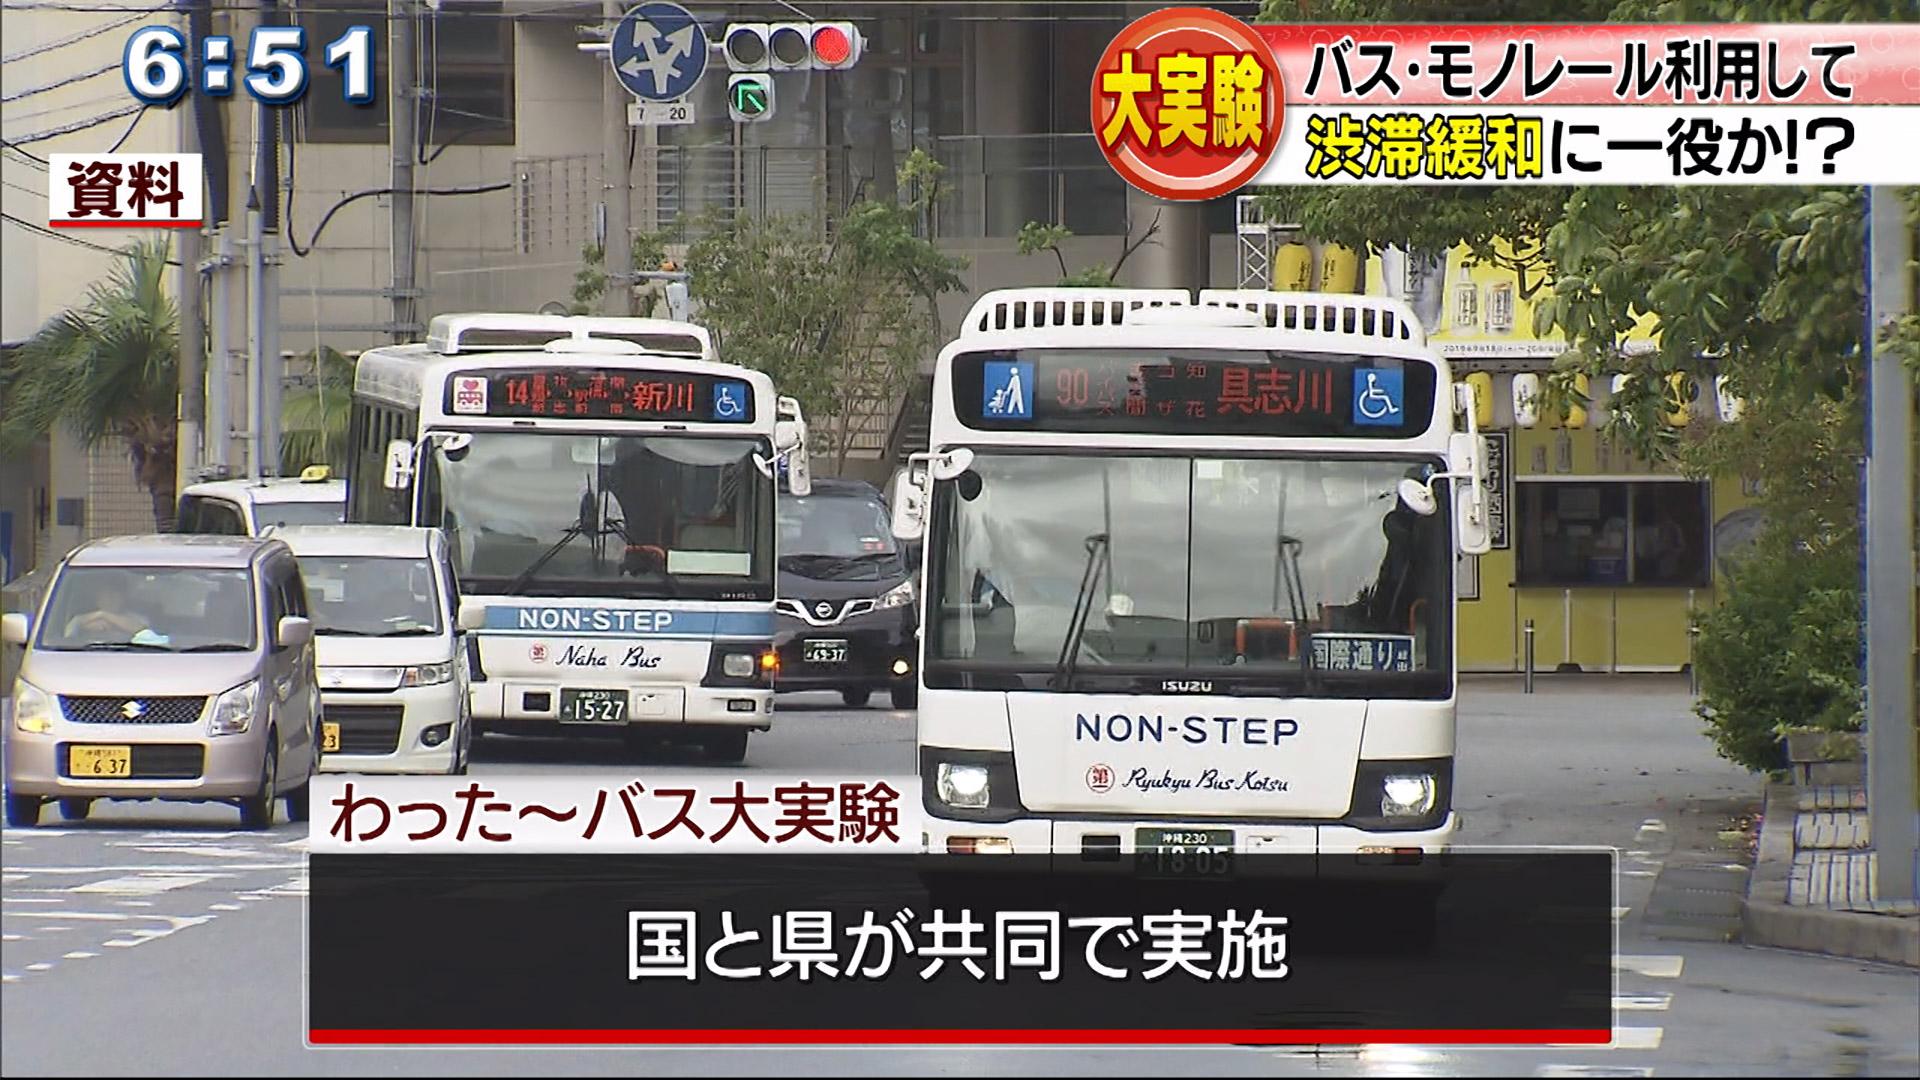 わったーバス大実験 渋滞緩和に役立つか!!